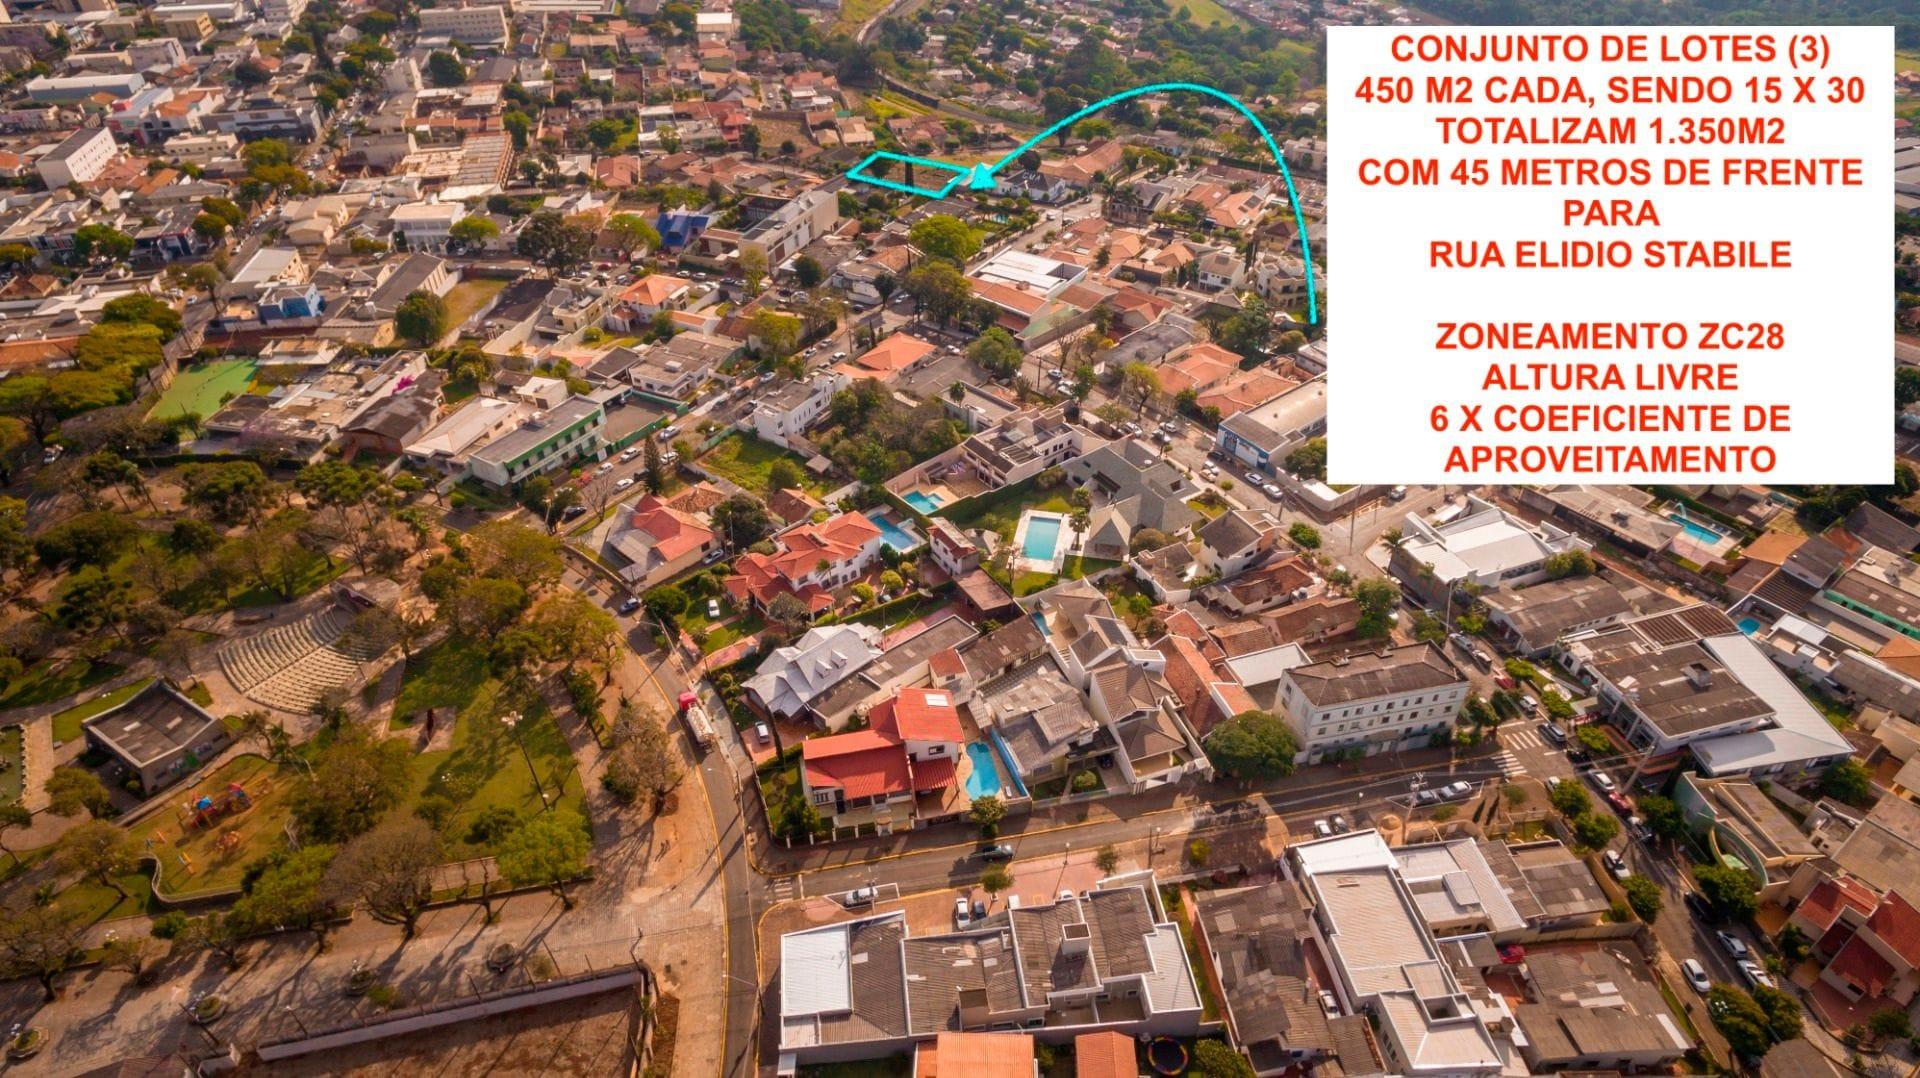 https://static.arboimoveis.com.br/TE0004_MAREZE/investimento-incorporacao-conjunto-de-lotes-zc-m-por-r-centro-apucaranapr1625219771095zuzlu.jpg